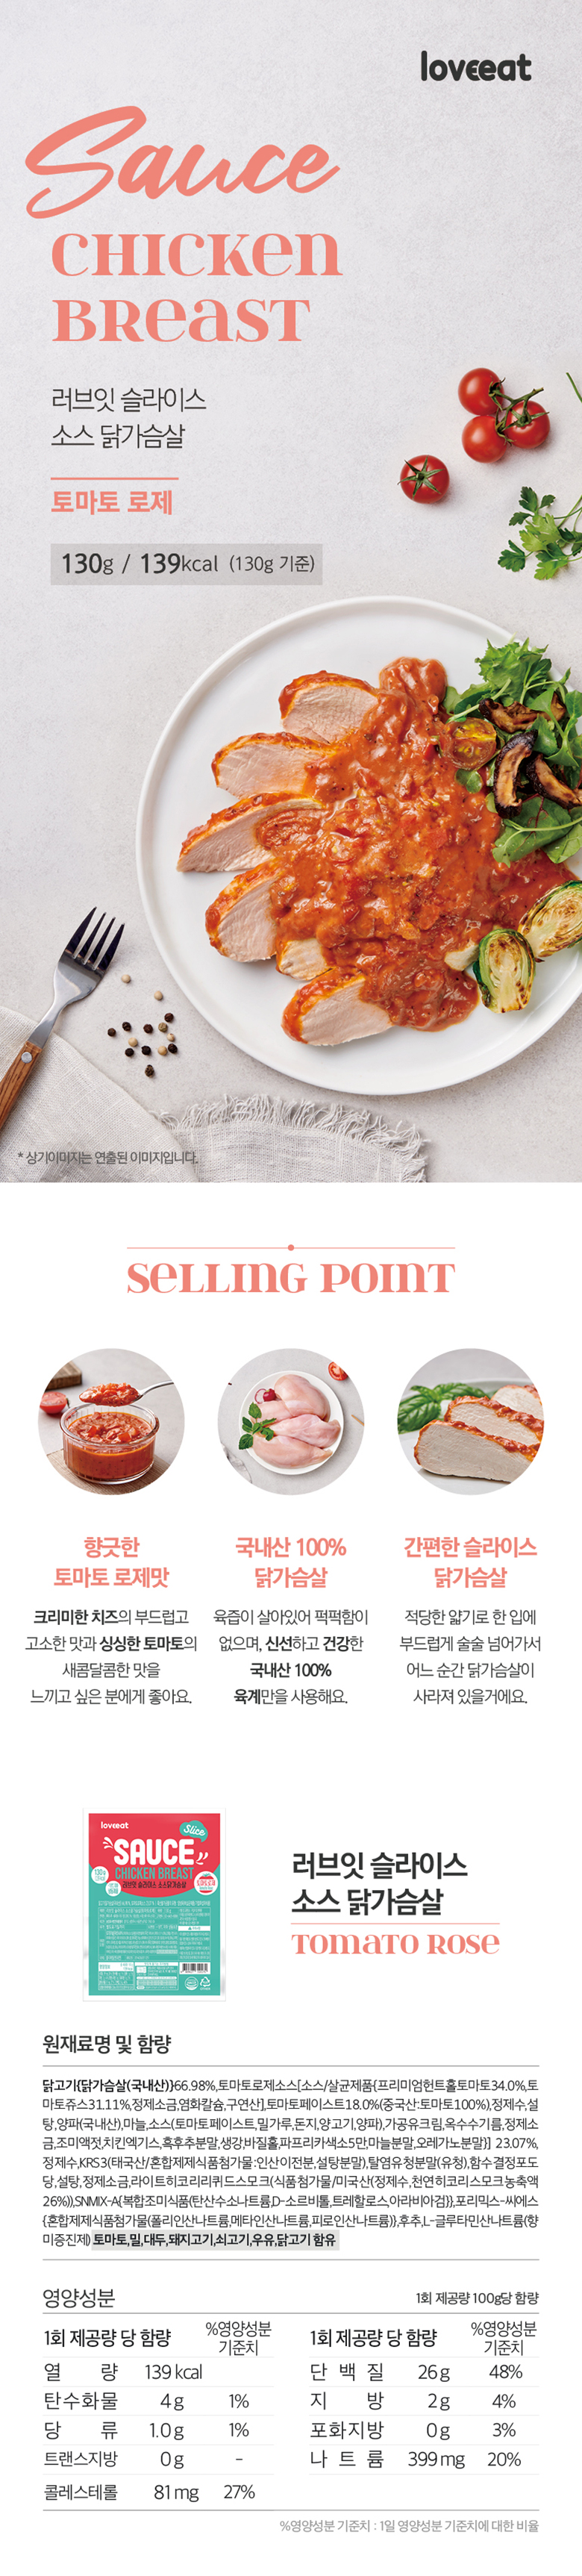 소스닭_토마토로제